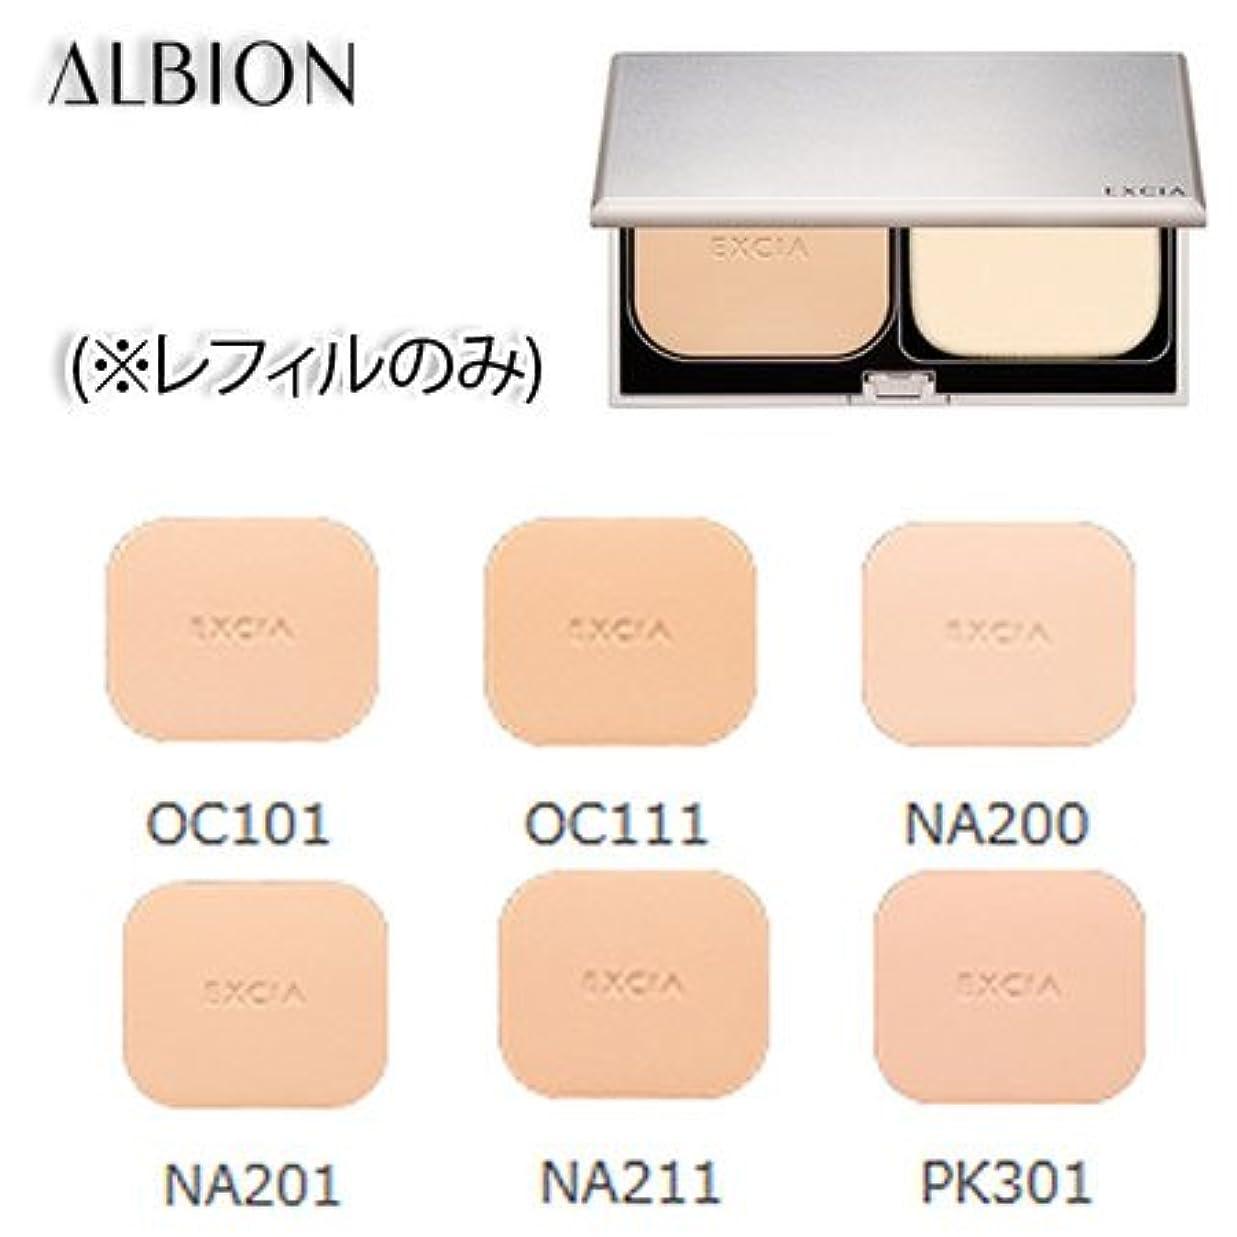 アルビオン エクシア AL ホワイトプレミアムパウダー ファンデーション SPF30 PA+++ 11g 6色 (レフィルのみ) -ALBION- NA200